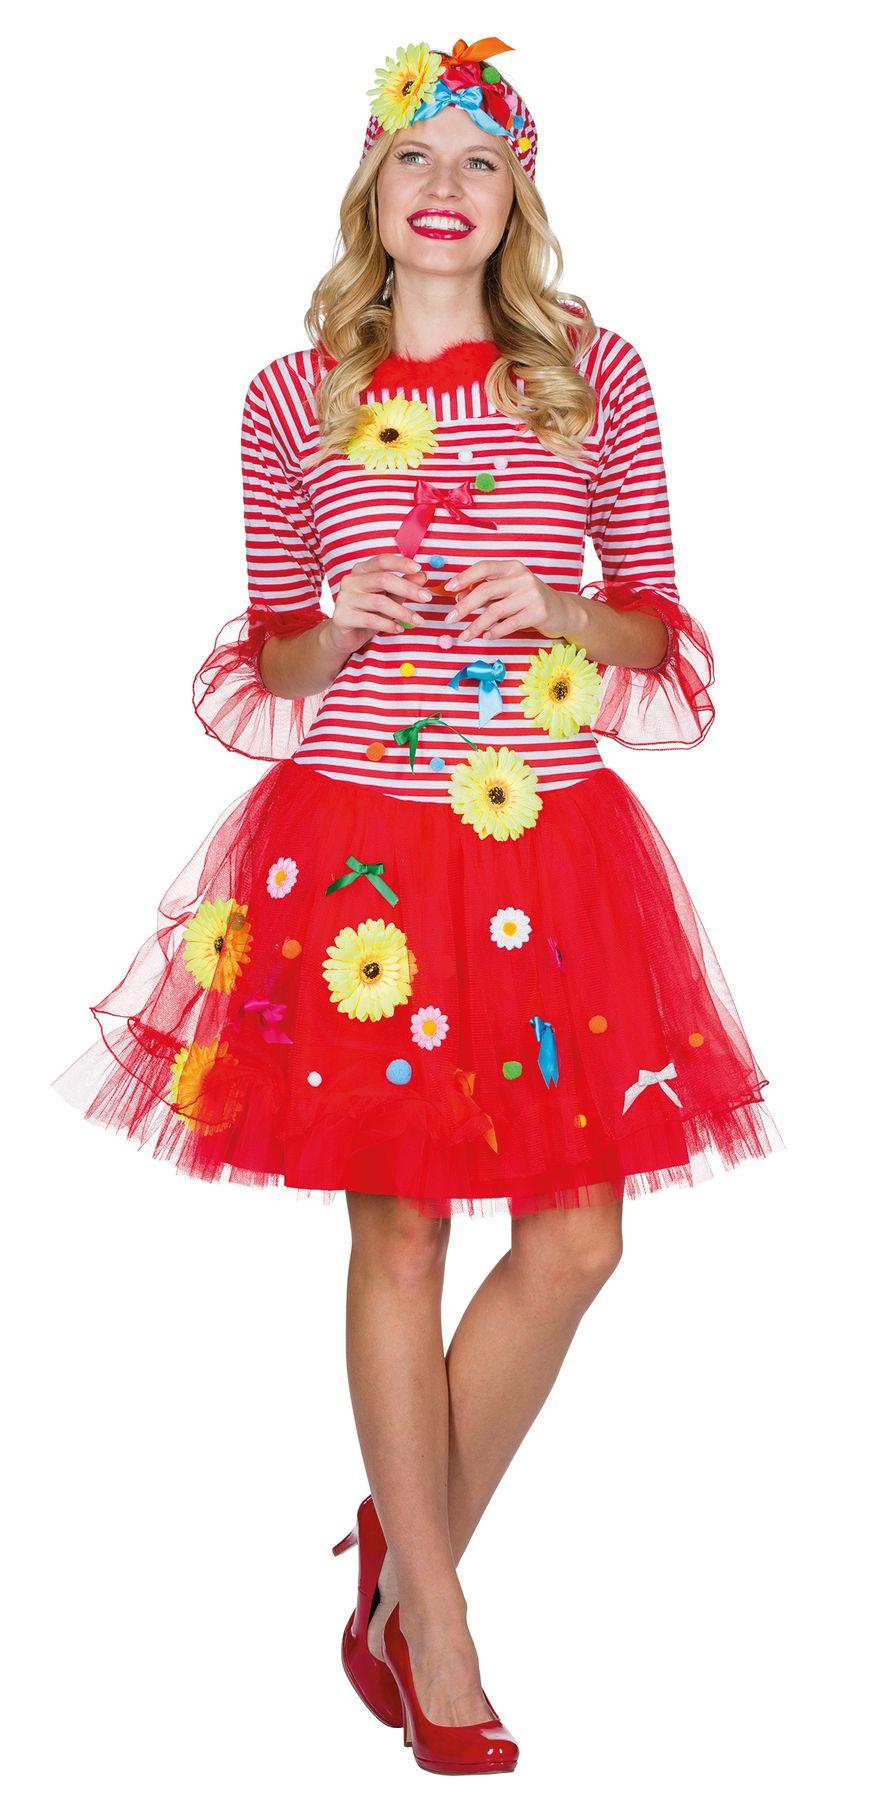 ringelkleid kleid rot/weiß rut un wieß mit blömche köln karneval fasching |  ebay